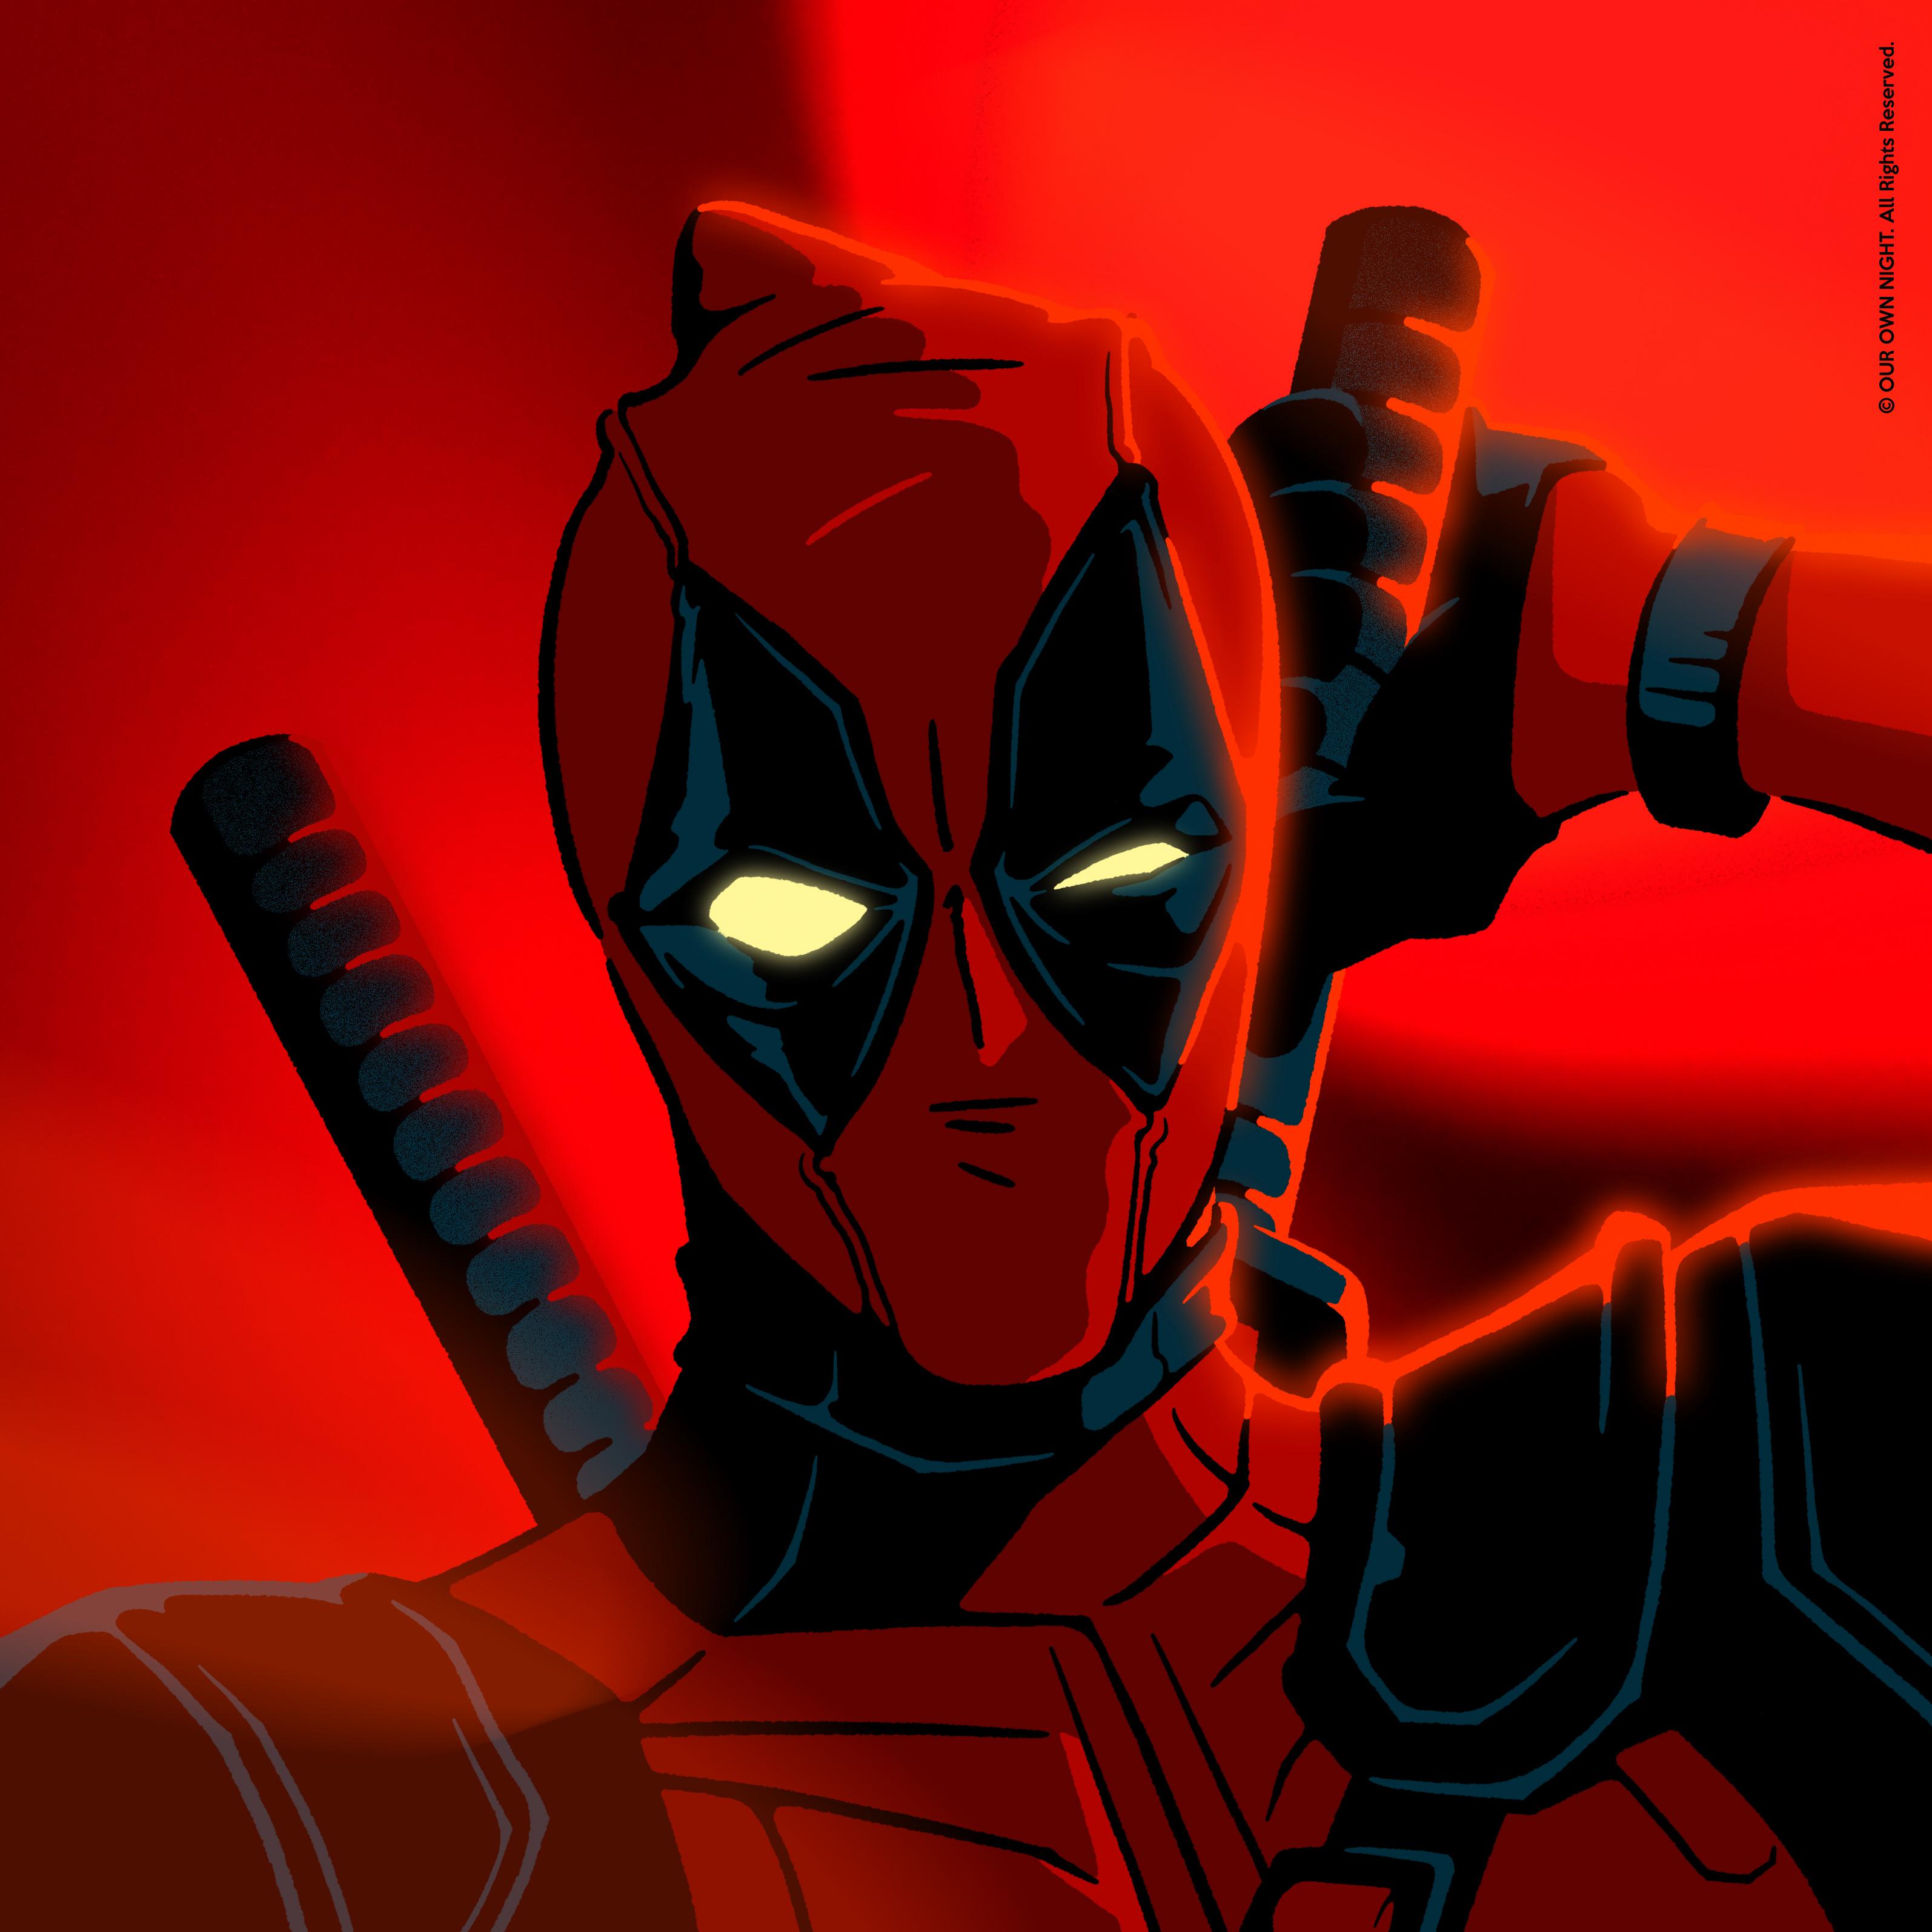 Deadpool 2 2018 Artwork, HD Superheroes, 4k Wallpapers ...